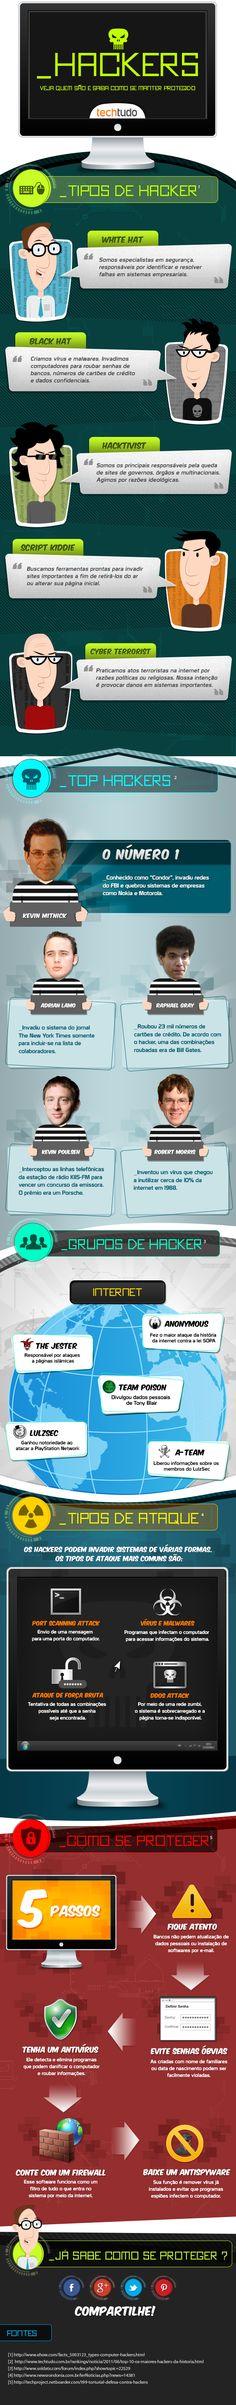 Existem diferentes tipos ataques de hackers, descubra como se prevenir (Foto: Techtudo)